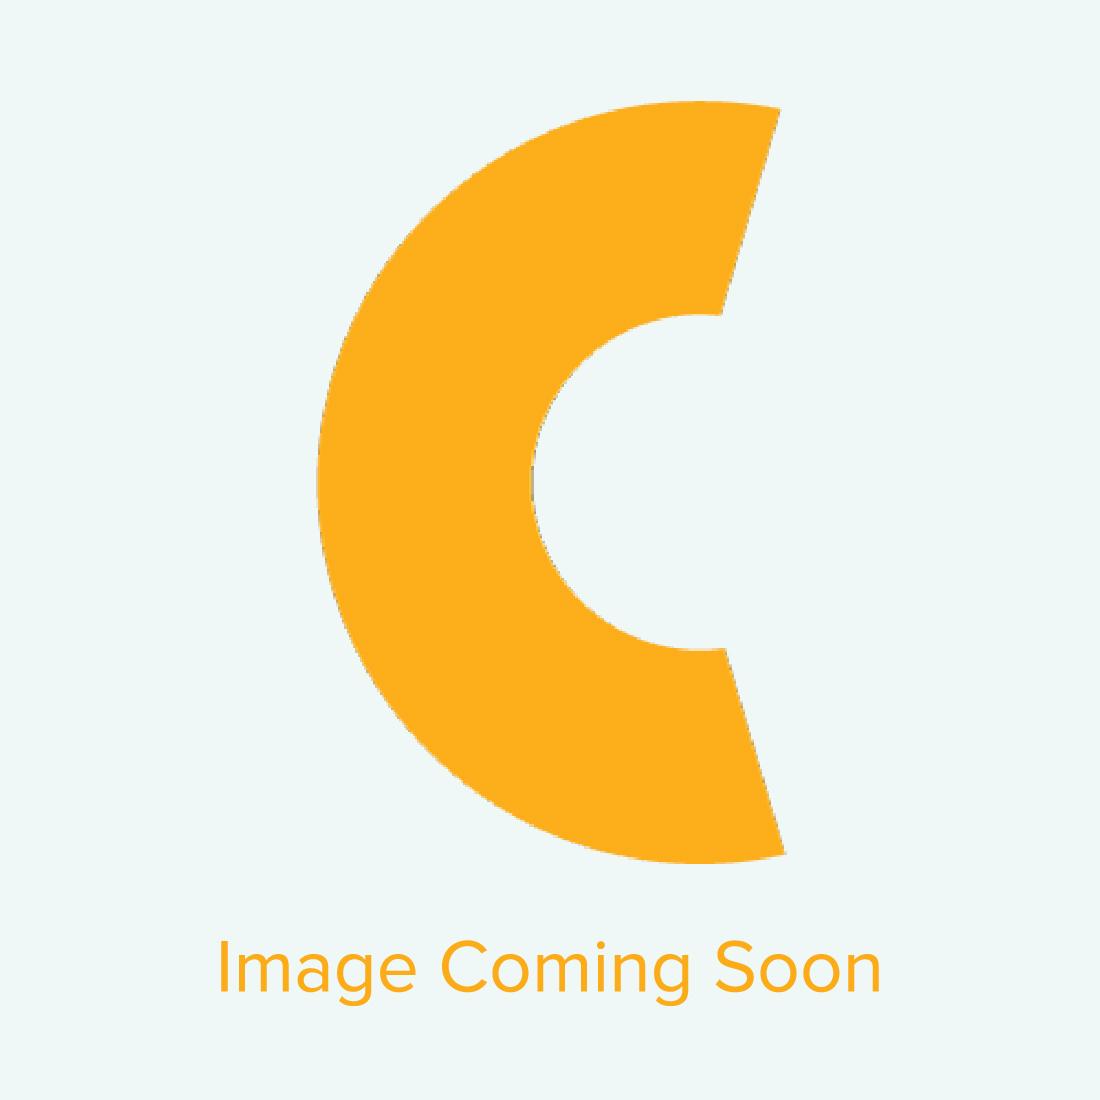 ChromaLuxe Sublimation Cuff Bracelet - Chevron Design